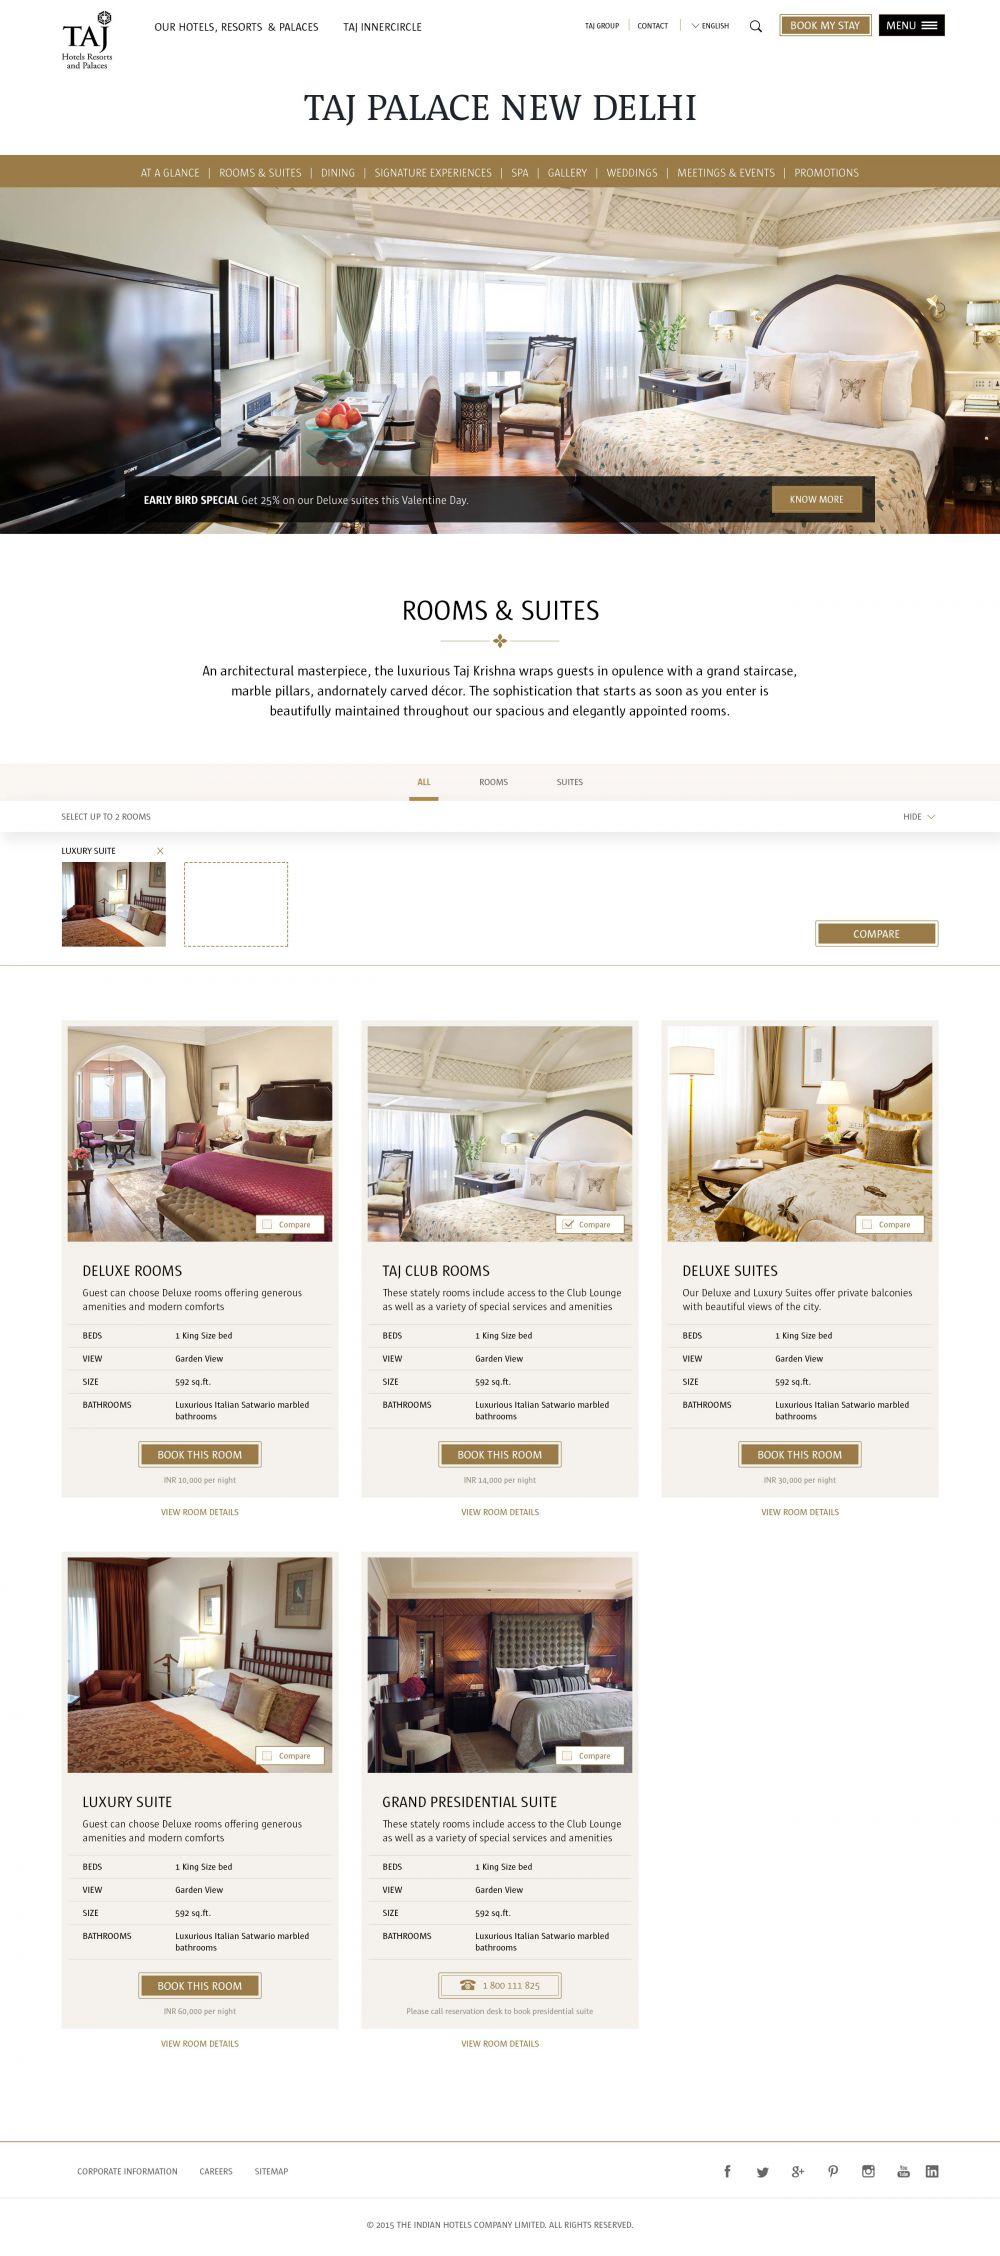 Room comparison page